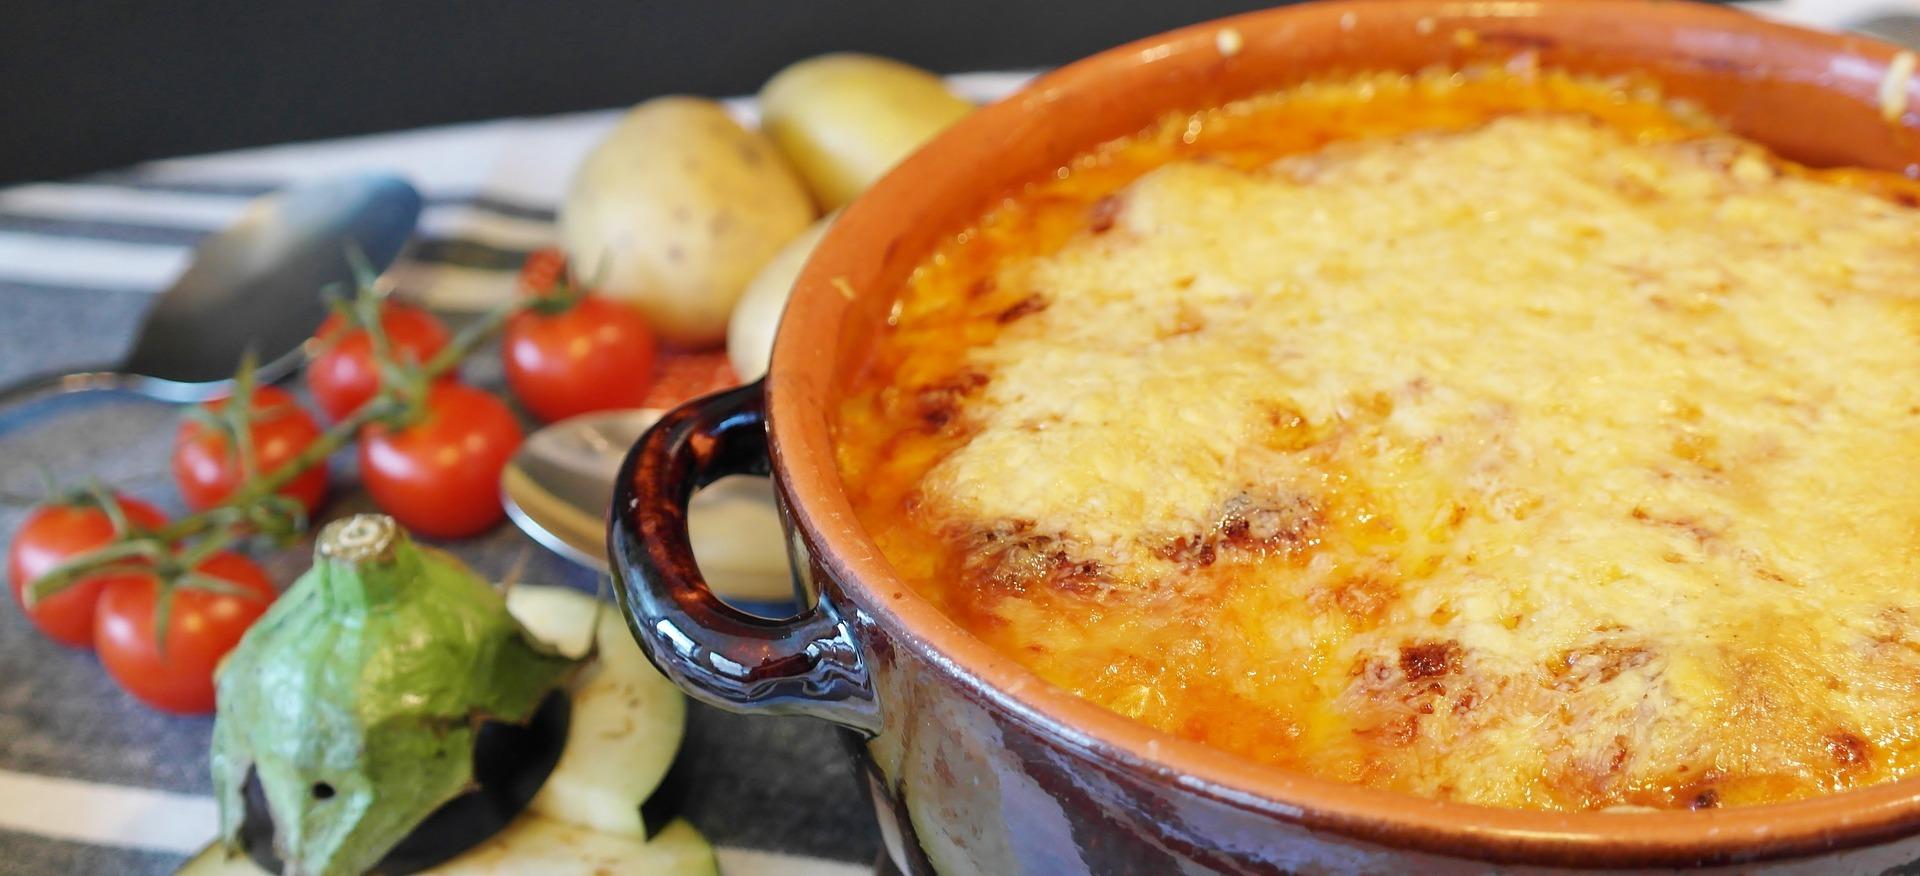 Boucherie de la gare - saint andre de corcy -potato-casserole2